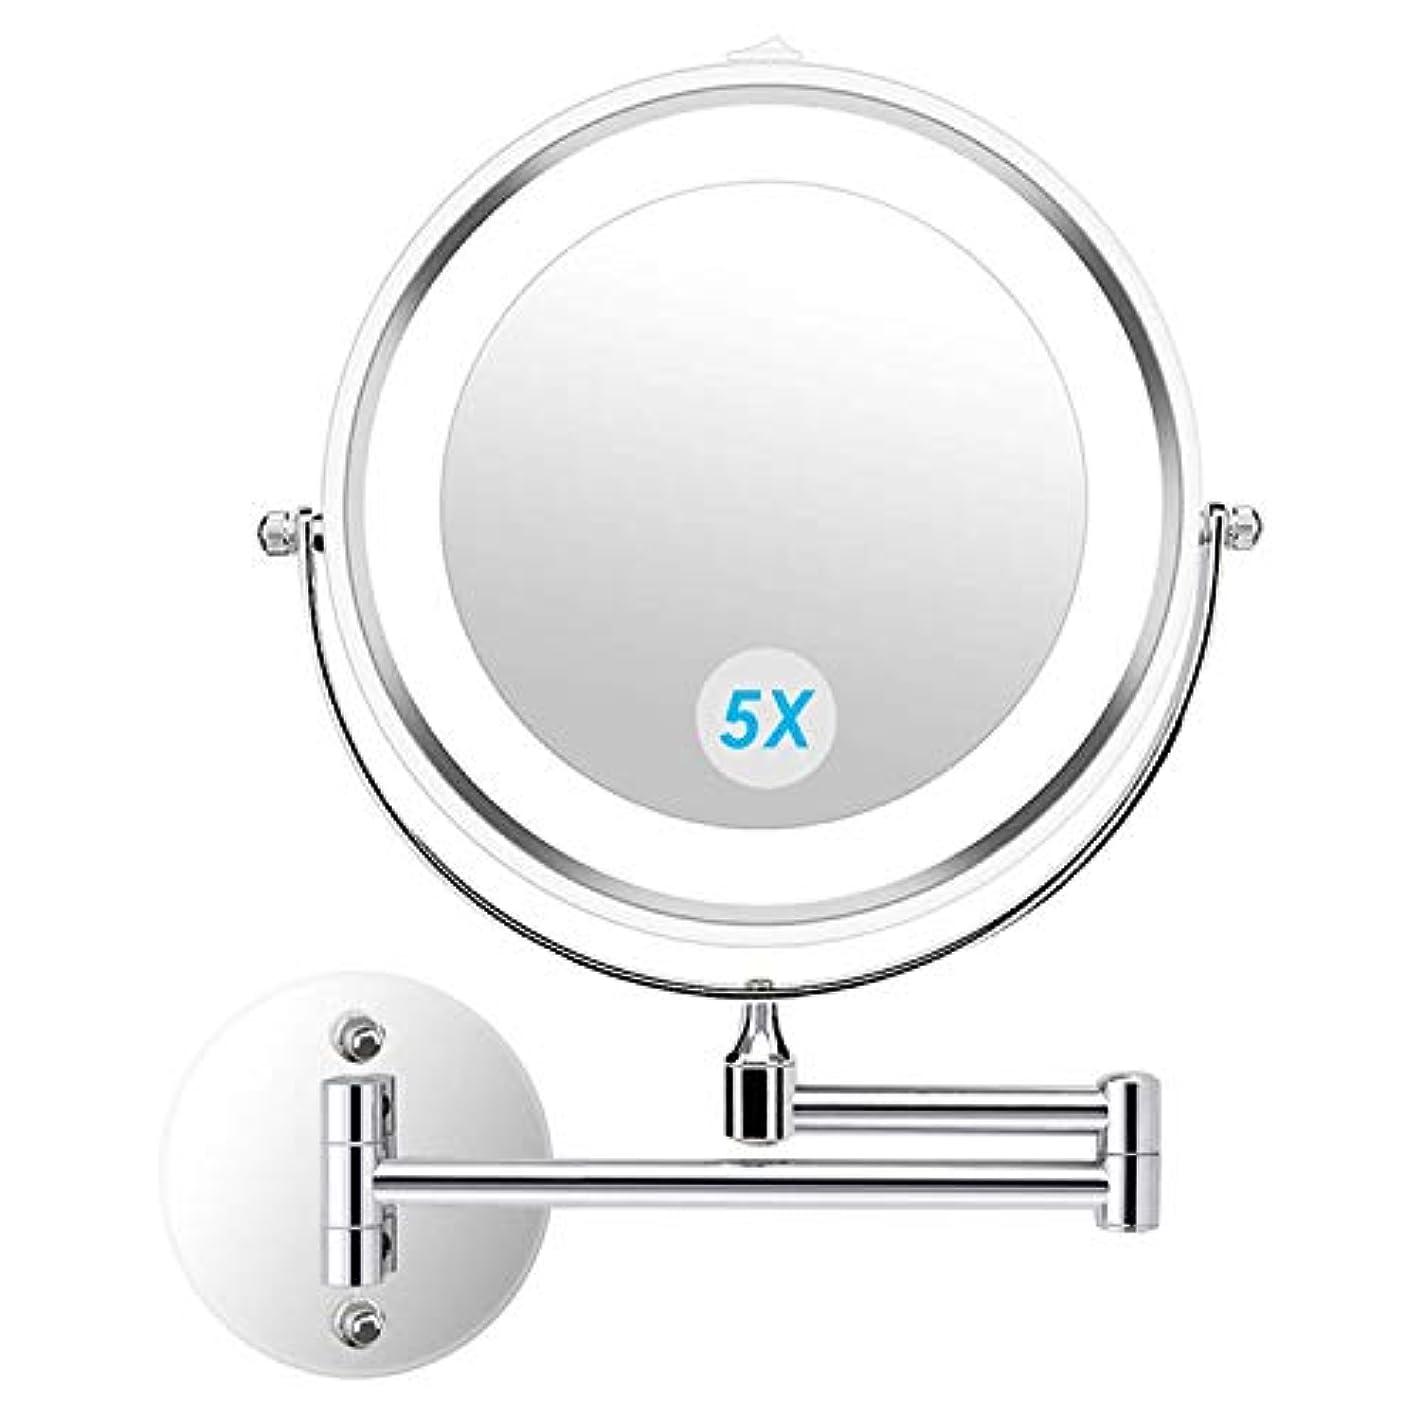 発症逃げる謙虚alvorog 壁掛け化粧鏡 4個 電池で駆動バスルームホテル用照明付き両面5倍 倍率360度 スイベル延長化粧化粧鏡を導きました 7